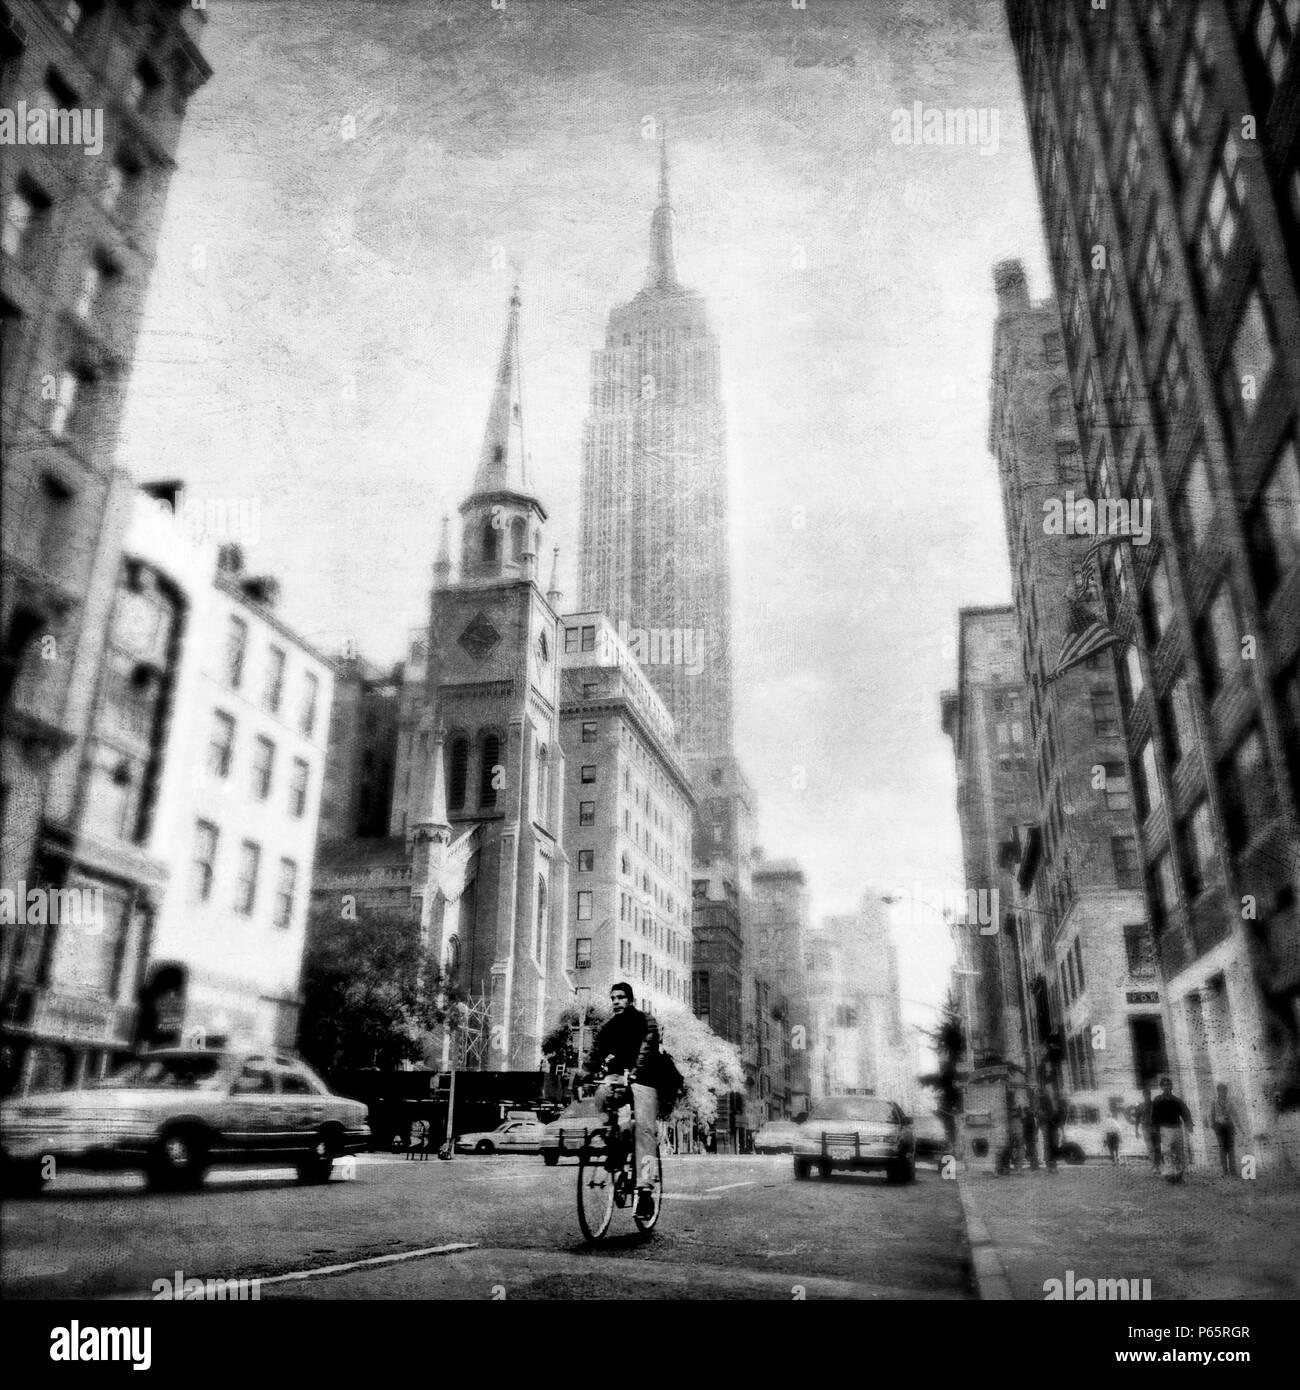 Les cyclistes et les toits de Manhattan avec l'Empire State Building, New York City, New York, USA Banque D'Images